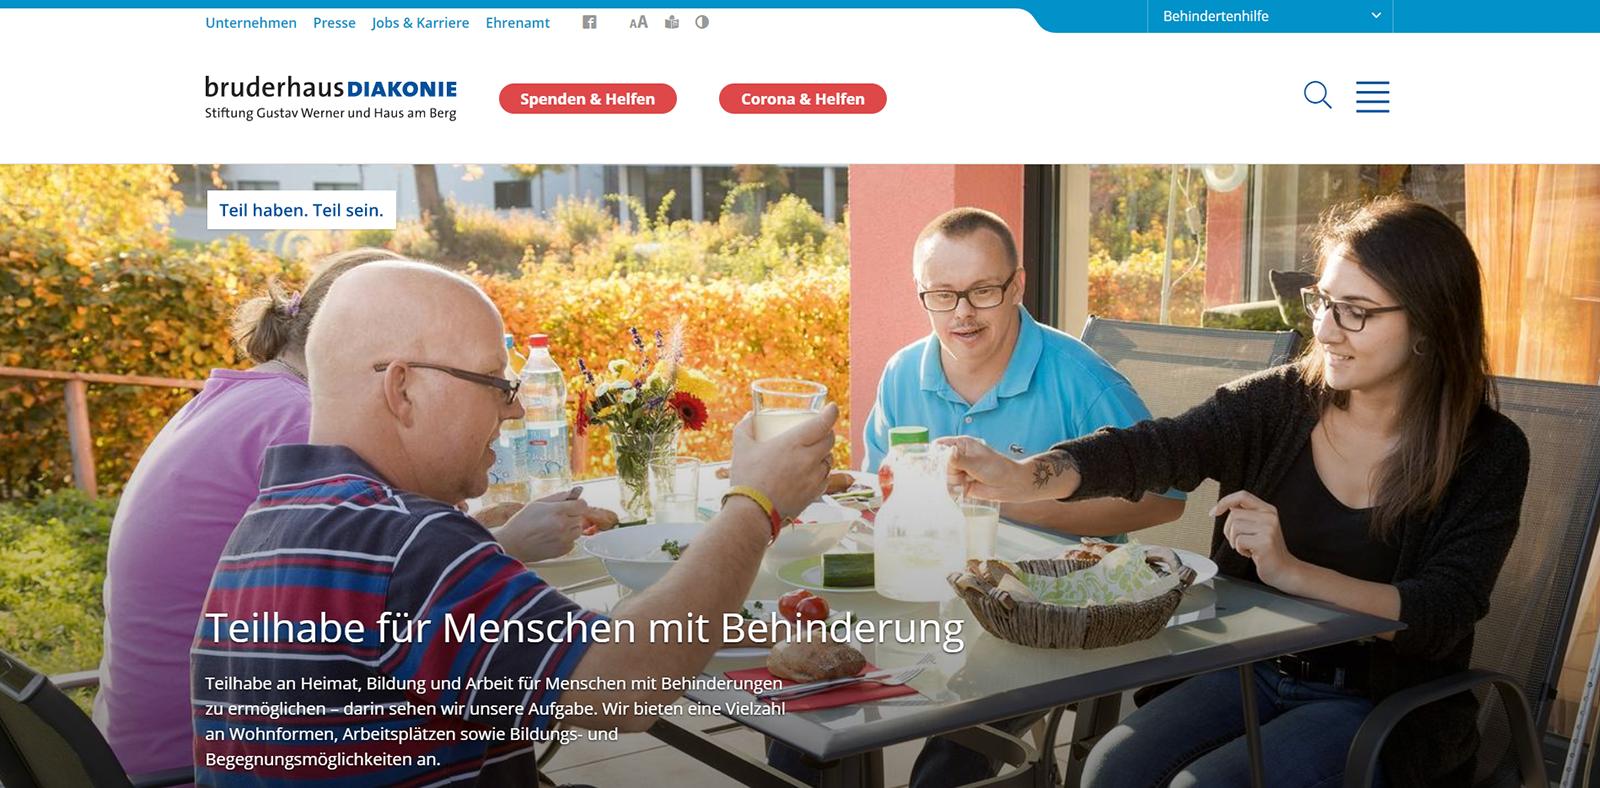 Behindertenhilfe Neckar-Alb Home